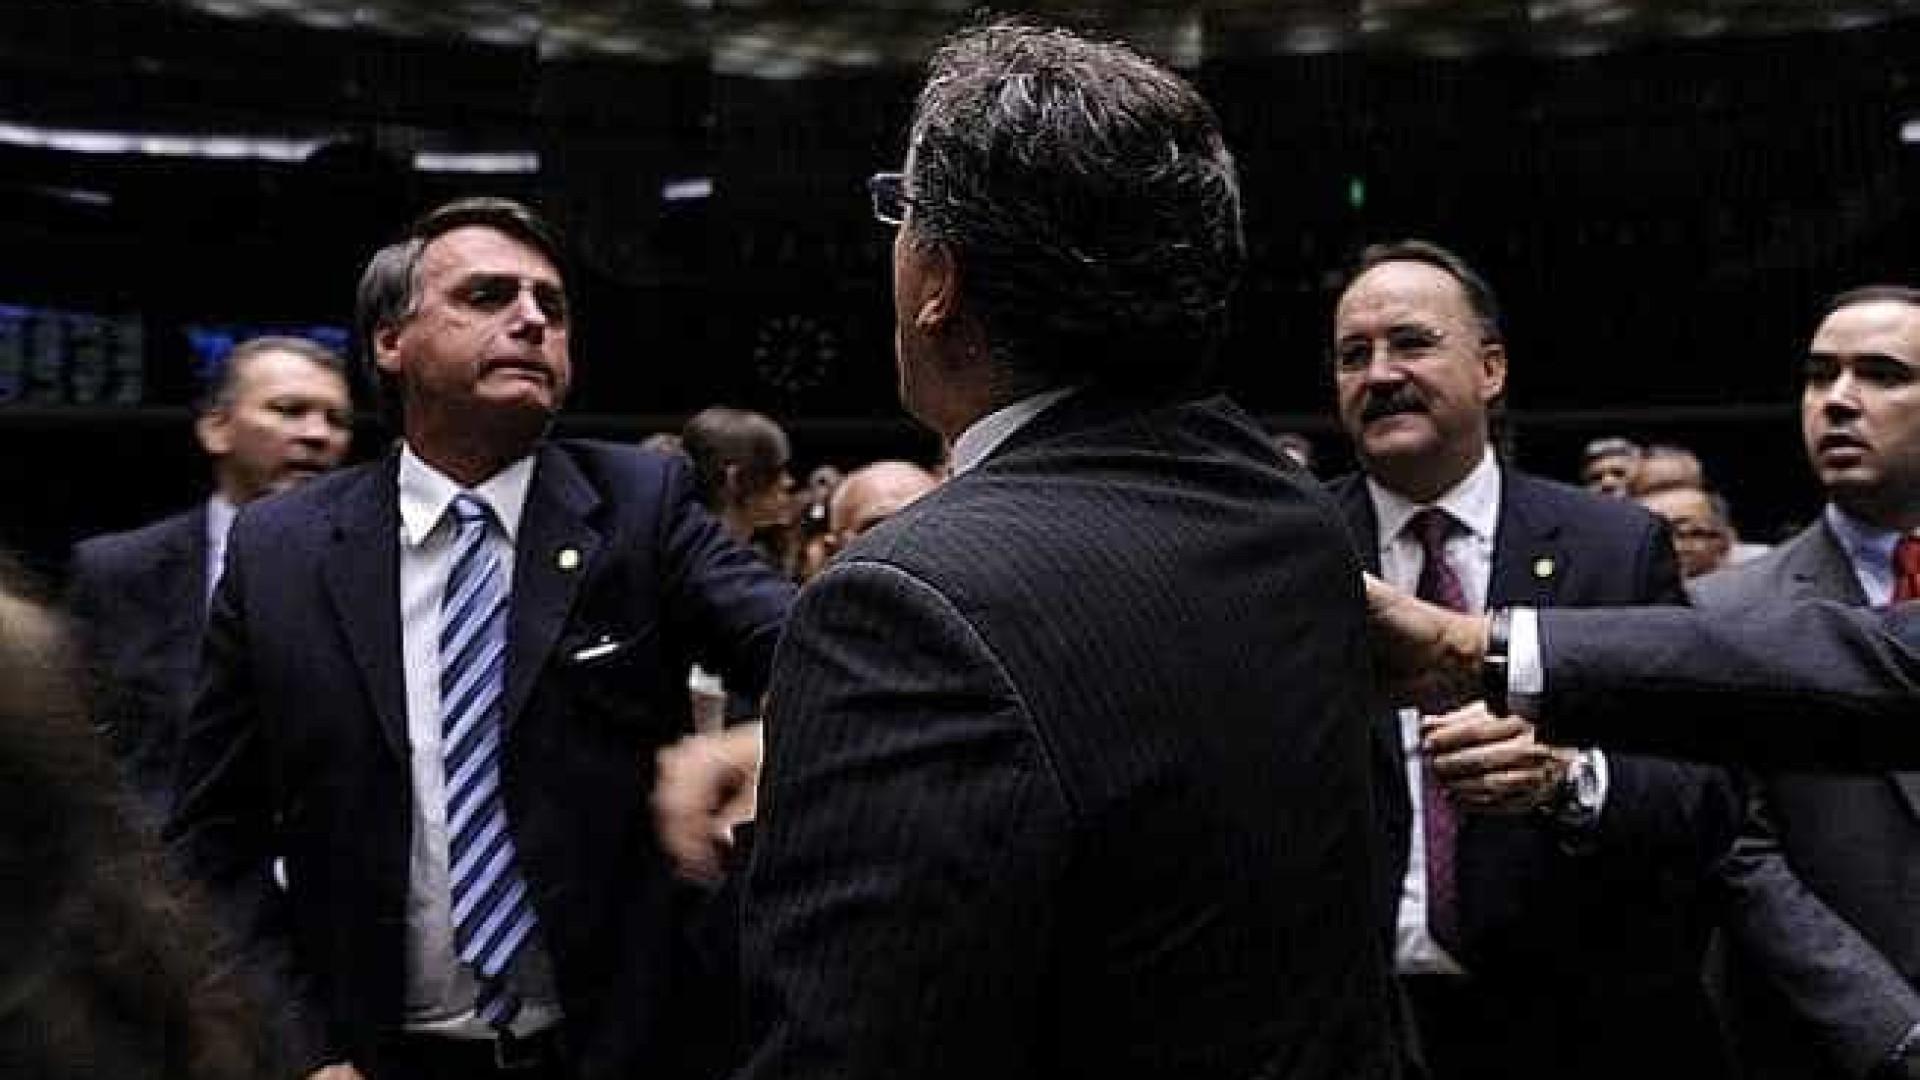 Bolsonaro diz que Exército livrou país de ditadura e cria confusão. Assista!